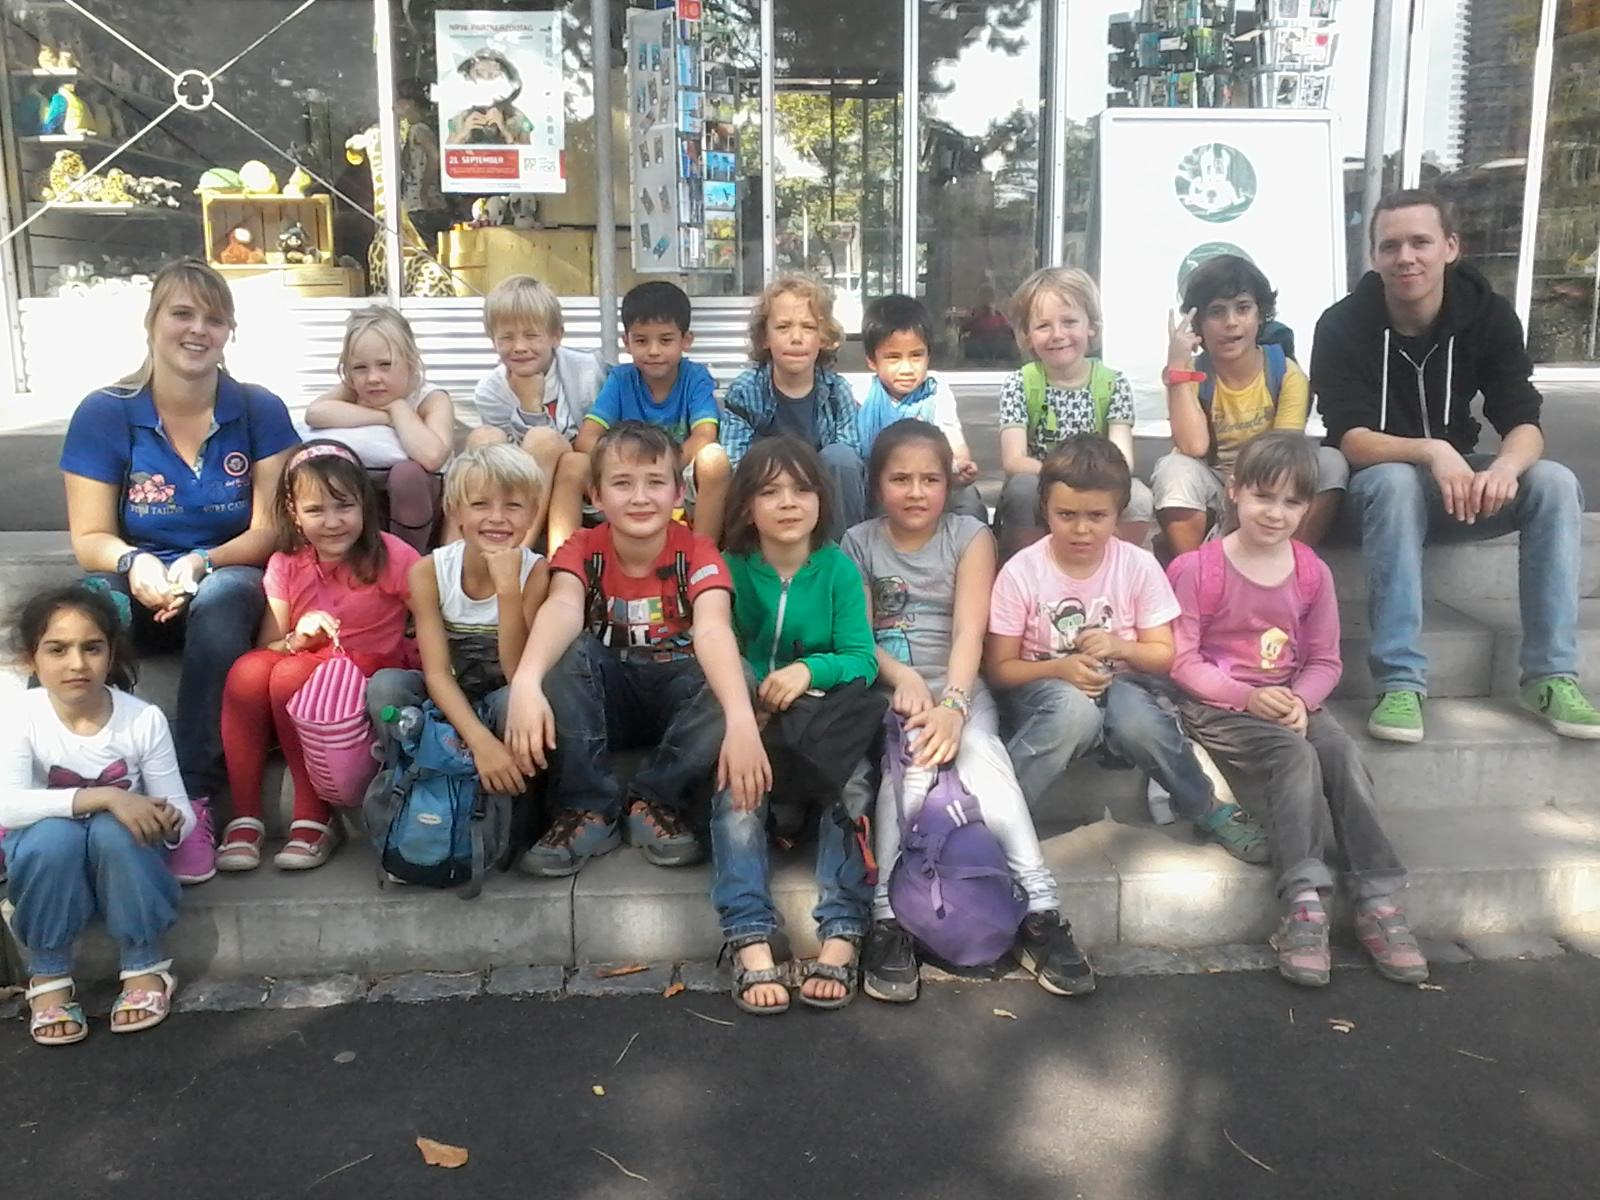 Klassenfoto 2014 im Zoo